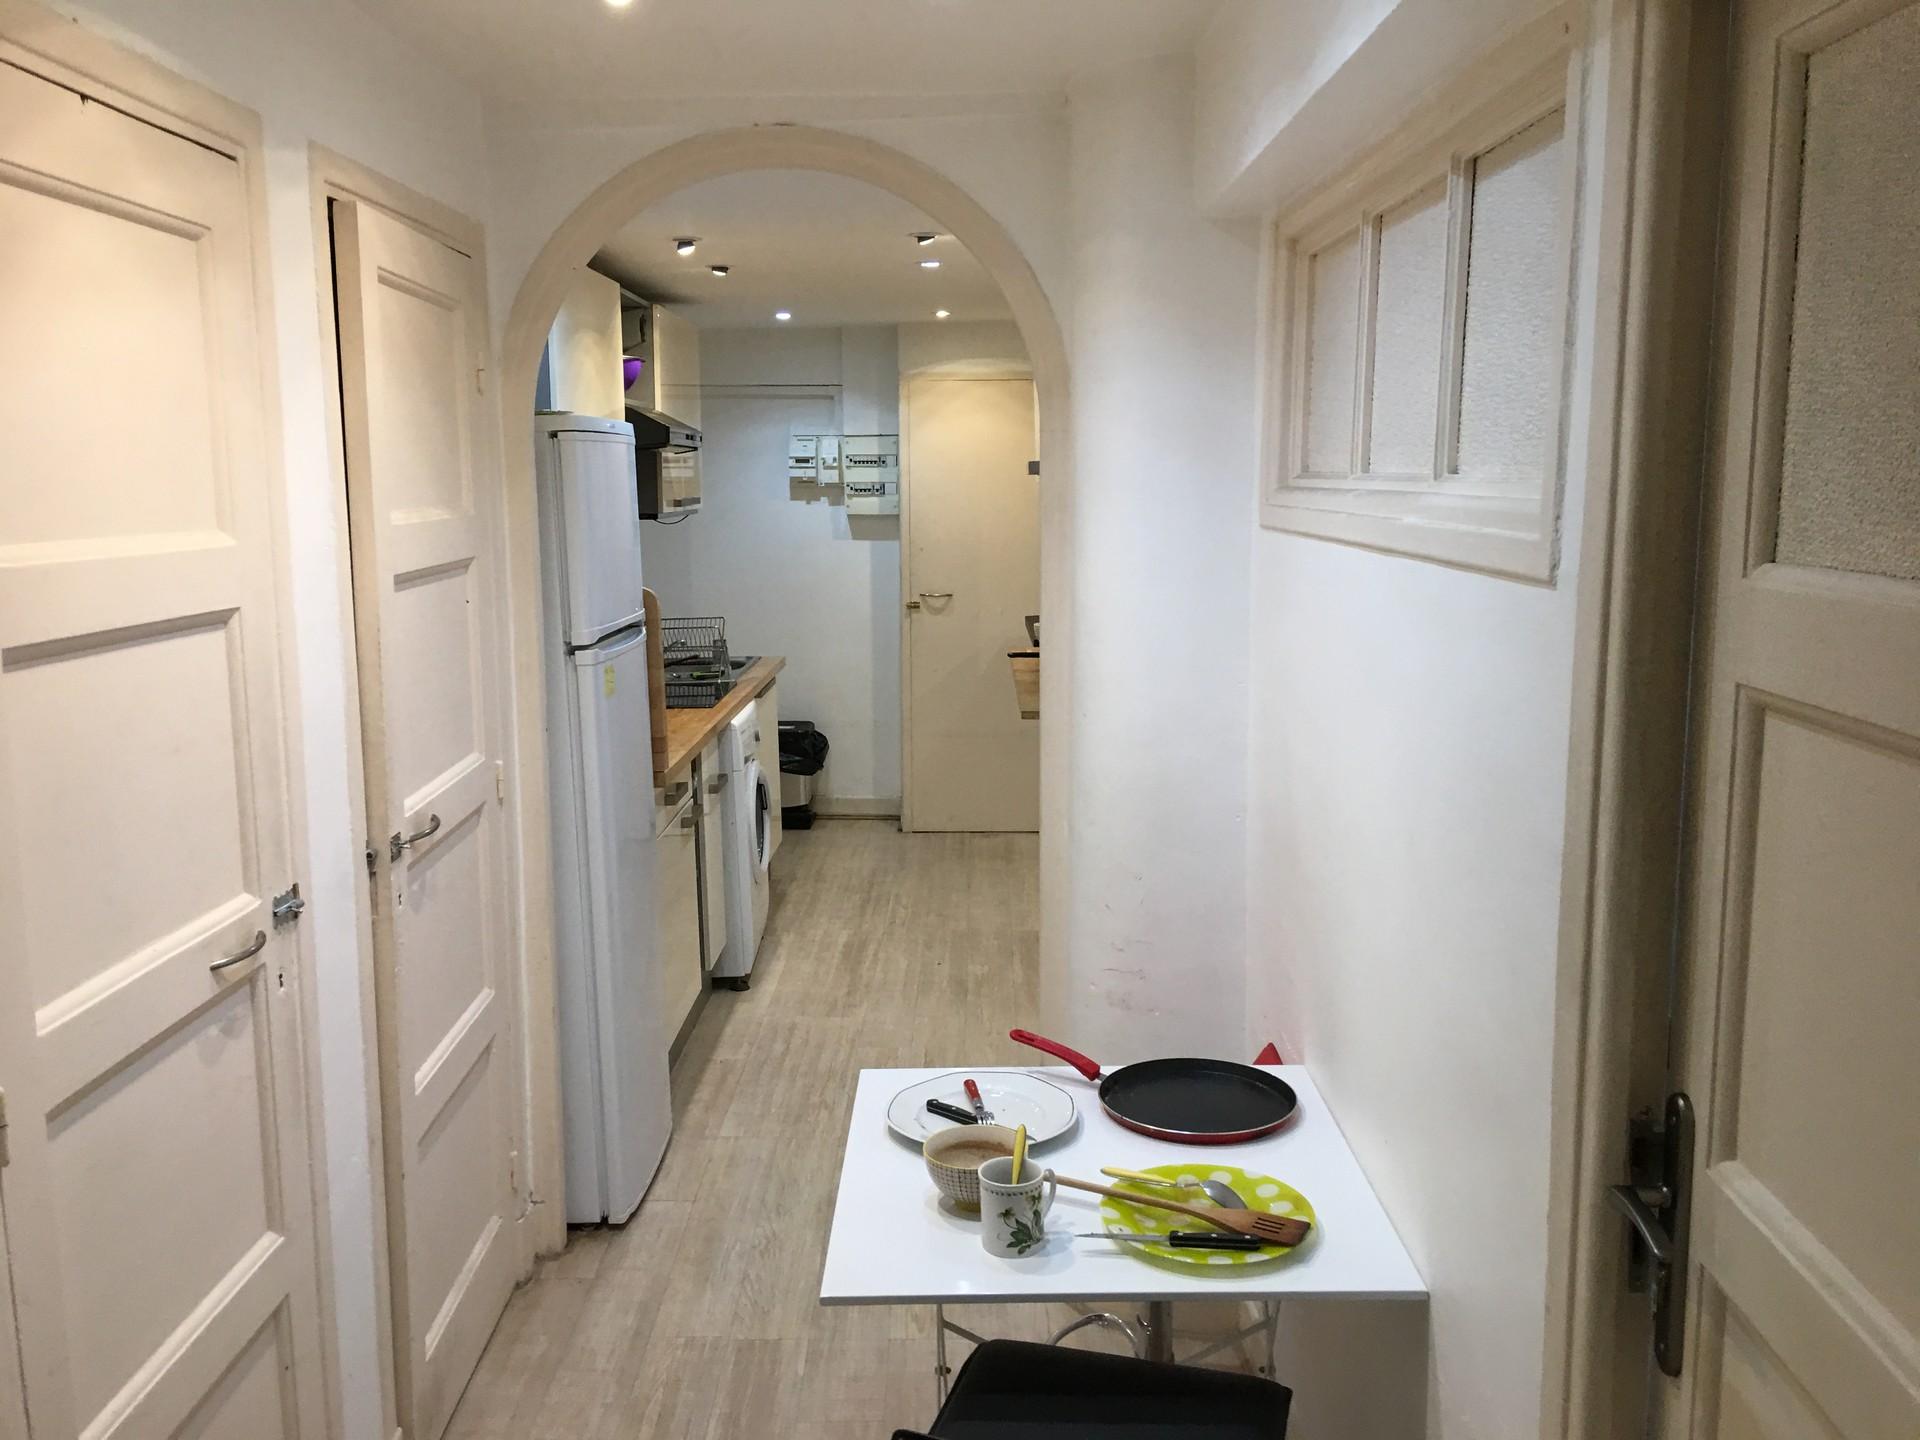 Chambre dans un appartement refait a neuf 55m2 avec 3 chambres